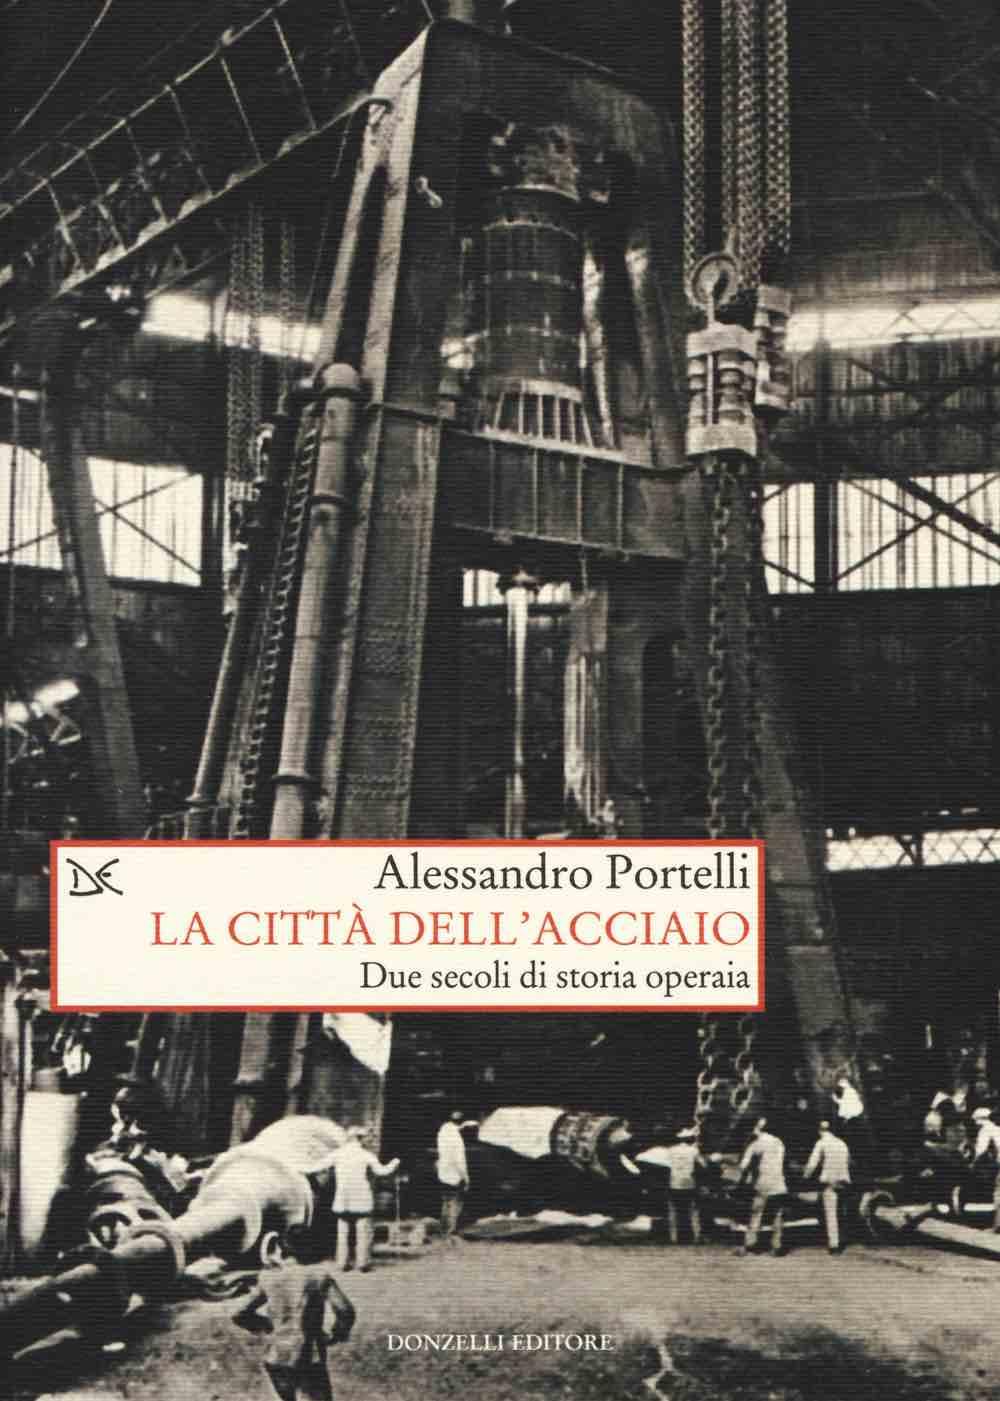 Alessandro Portelli - La citta dell'acciaio